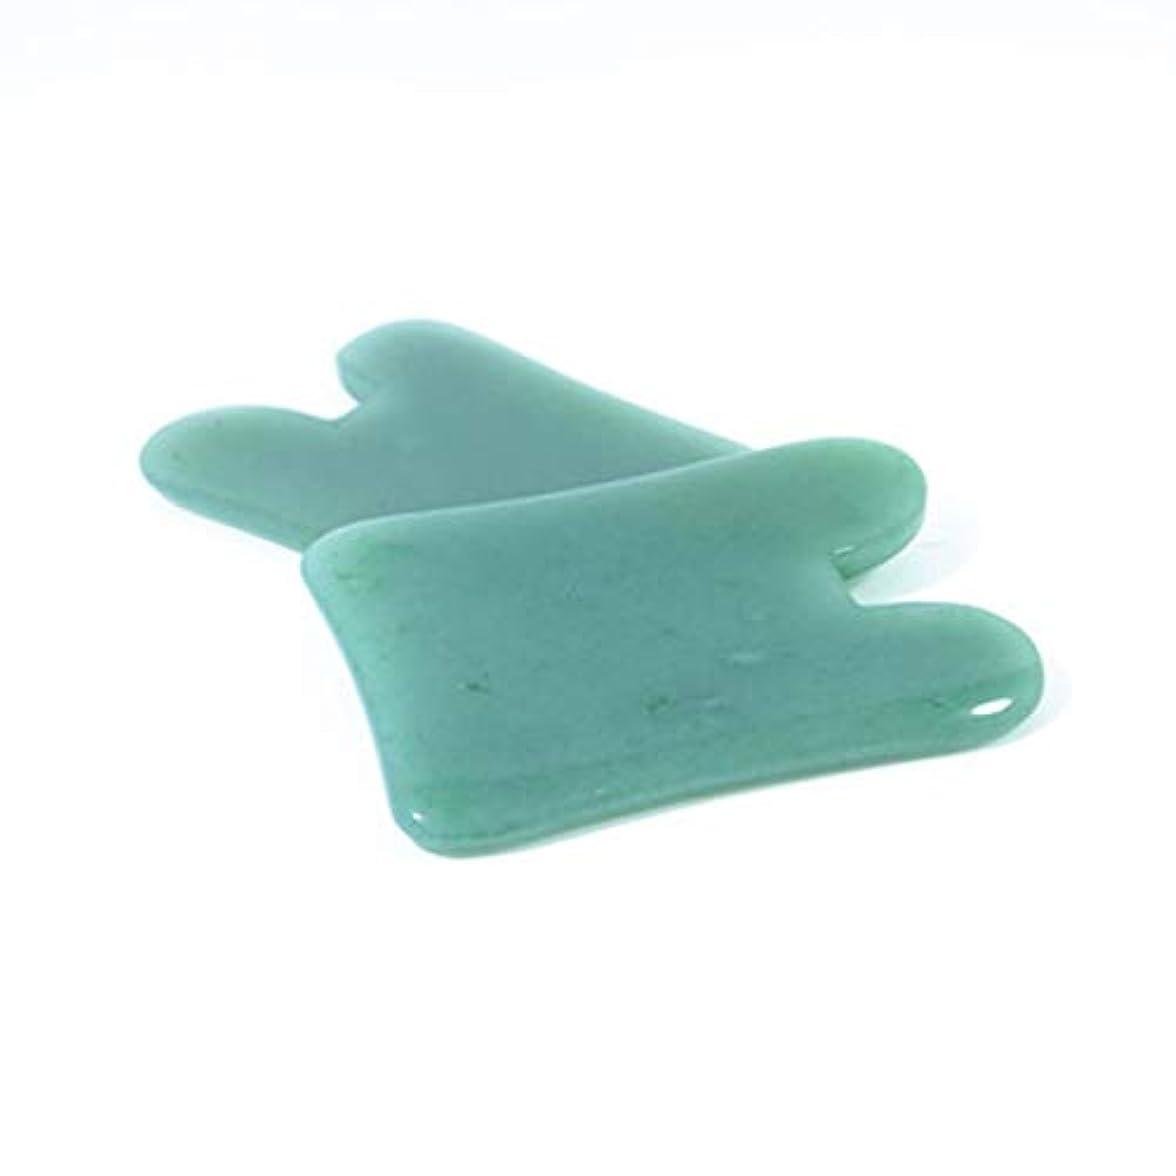 書店撤回する時間とともにNatural Portable Size Gua Sha Facial Treatment Massage Tool Chinese Natural Jade Scraping Tools Massage Healing Tool